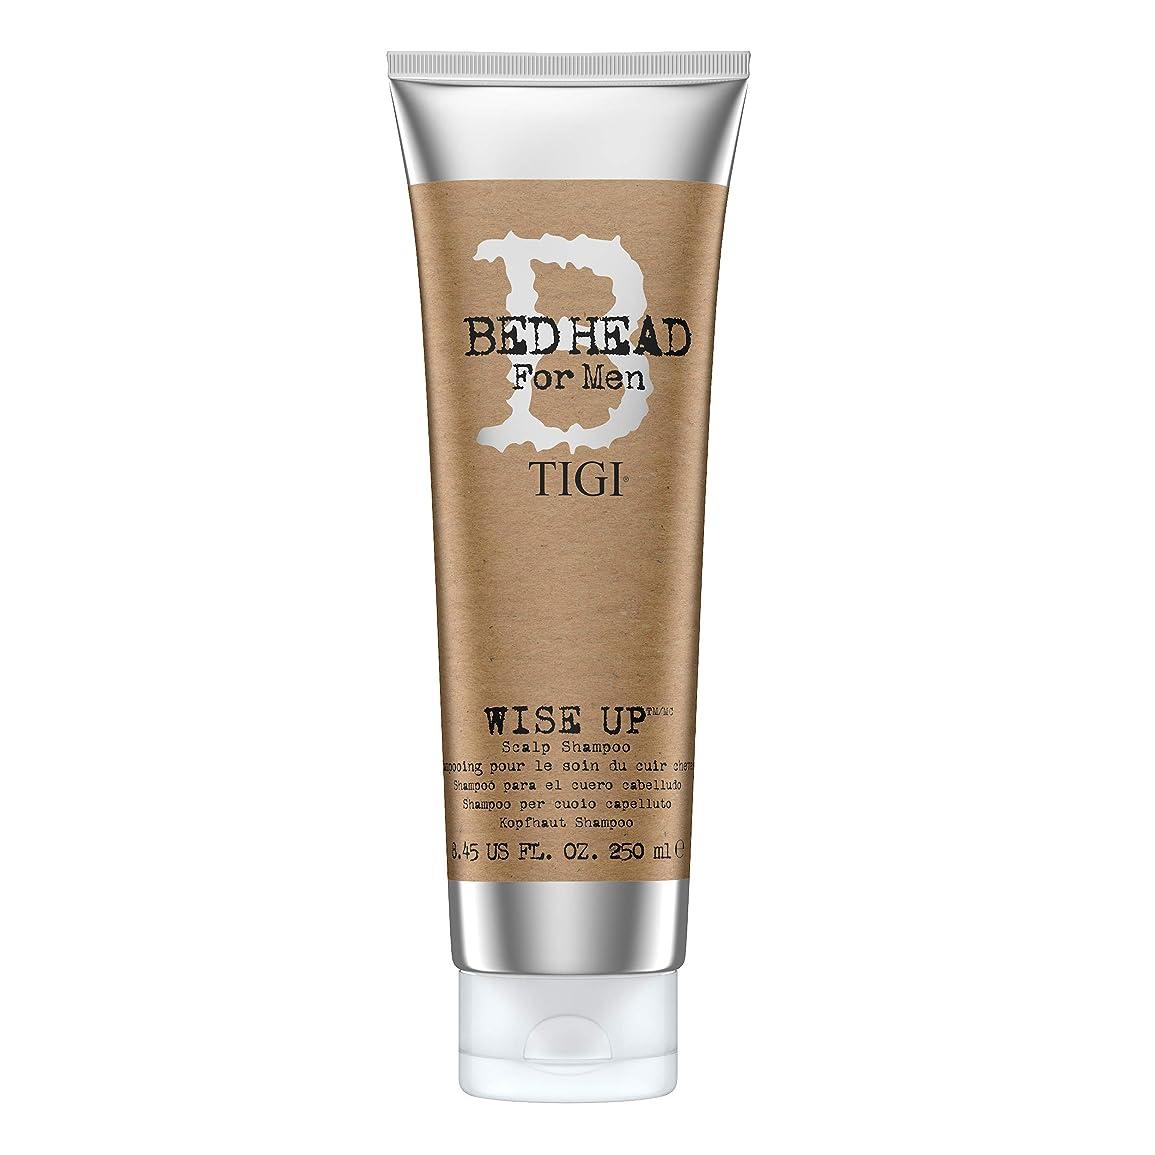 シンプルさ夫婦サイクロプスティジー Bed Head B For Men Wise Up Scalp Shampoo 250ml